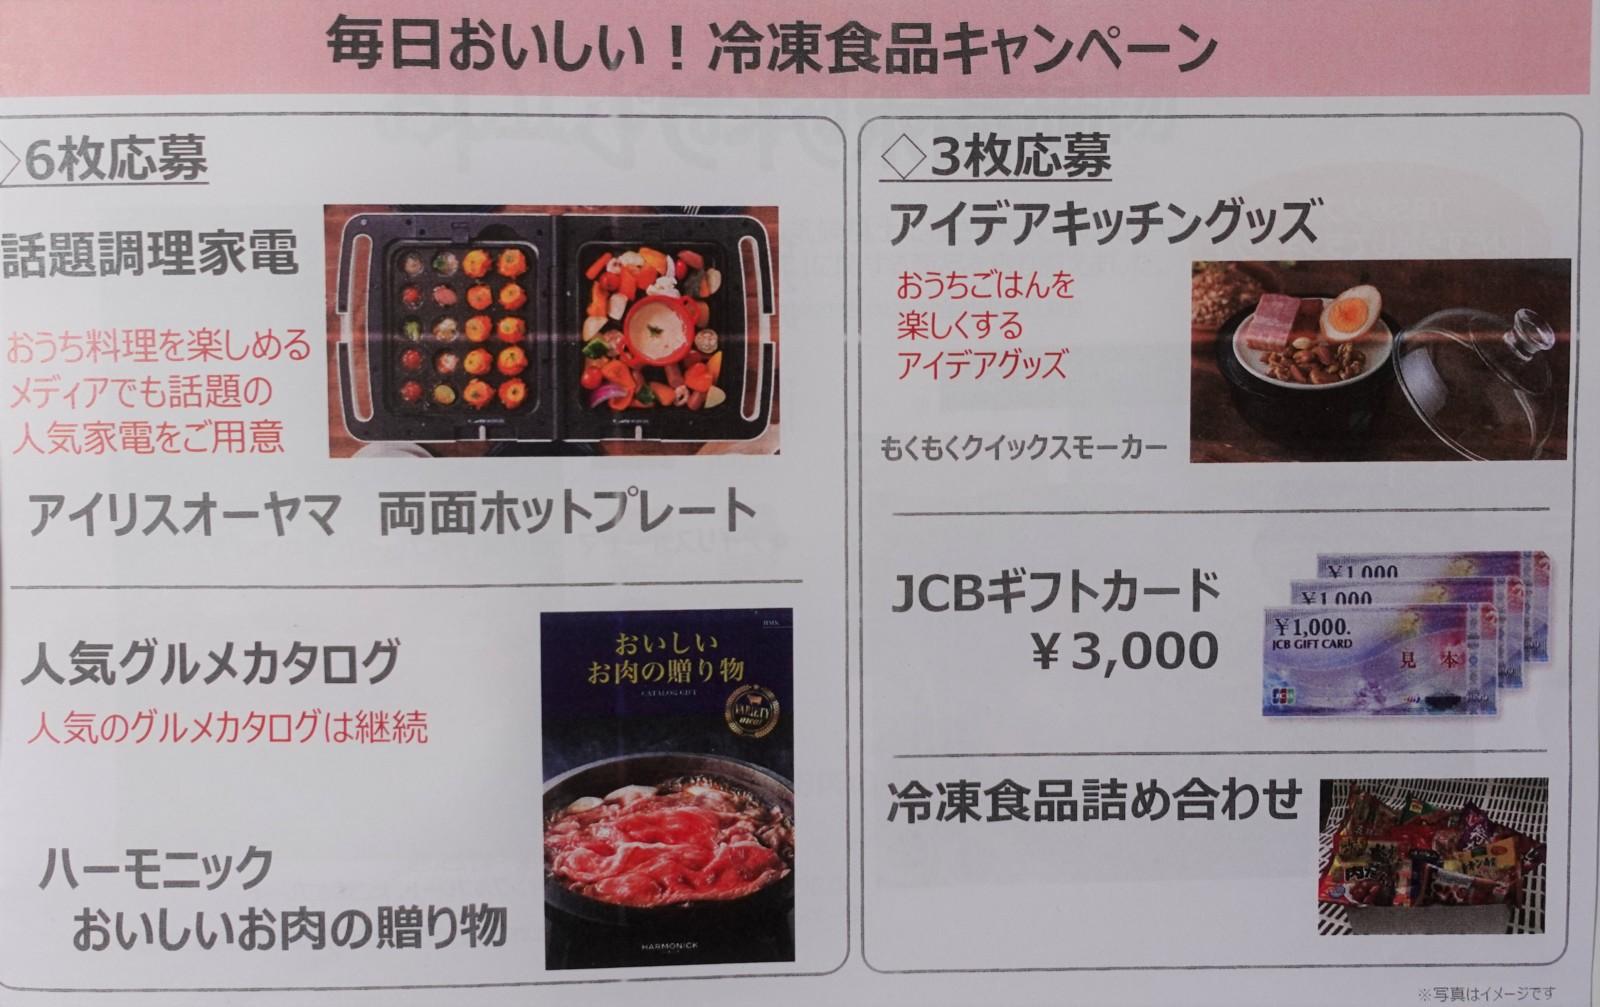 人気景品は調理家電! 市冷協「毎日おいしい!冷凍食品キャンペーン」、今年は6月~7月の2カ月実施:新年度総会で発表